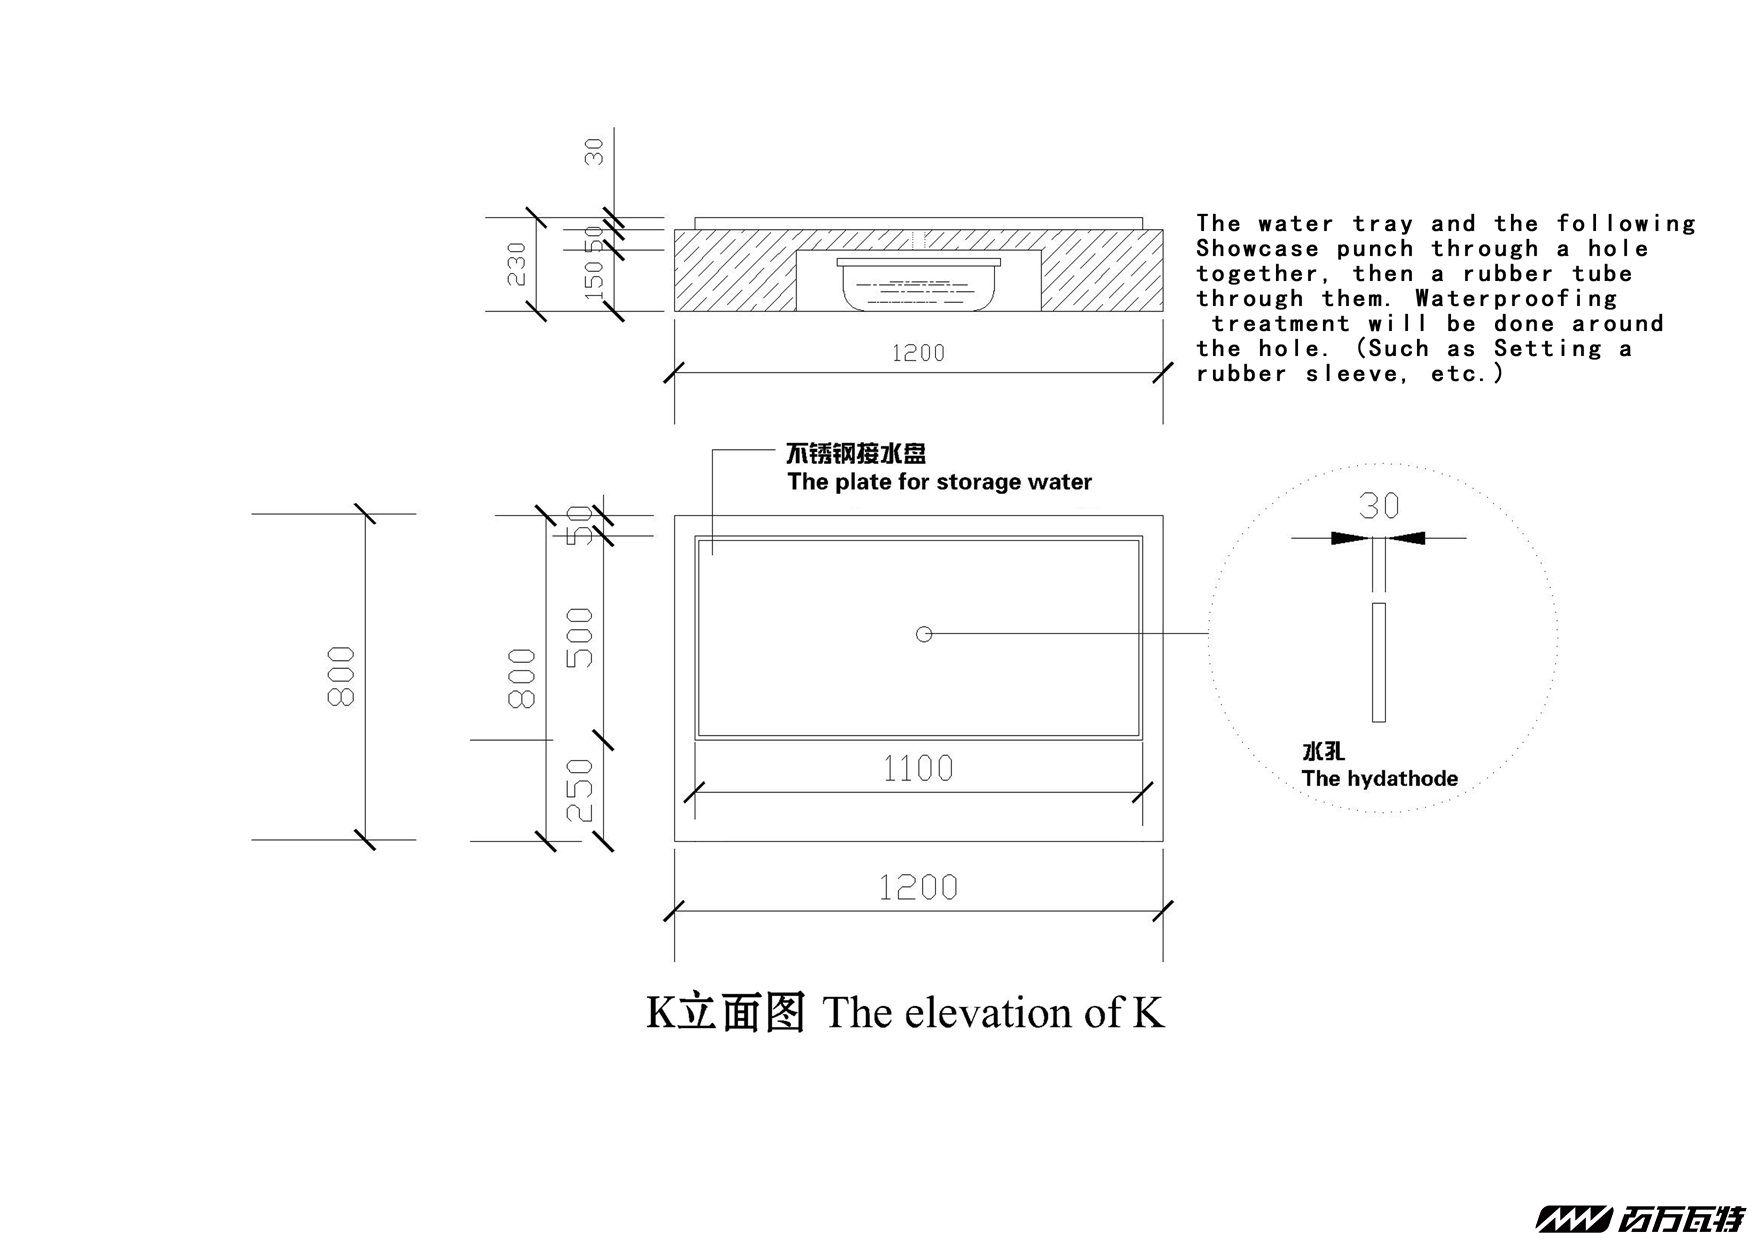 格力施工图-22.jpg